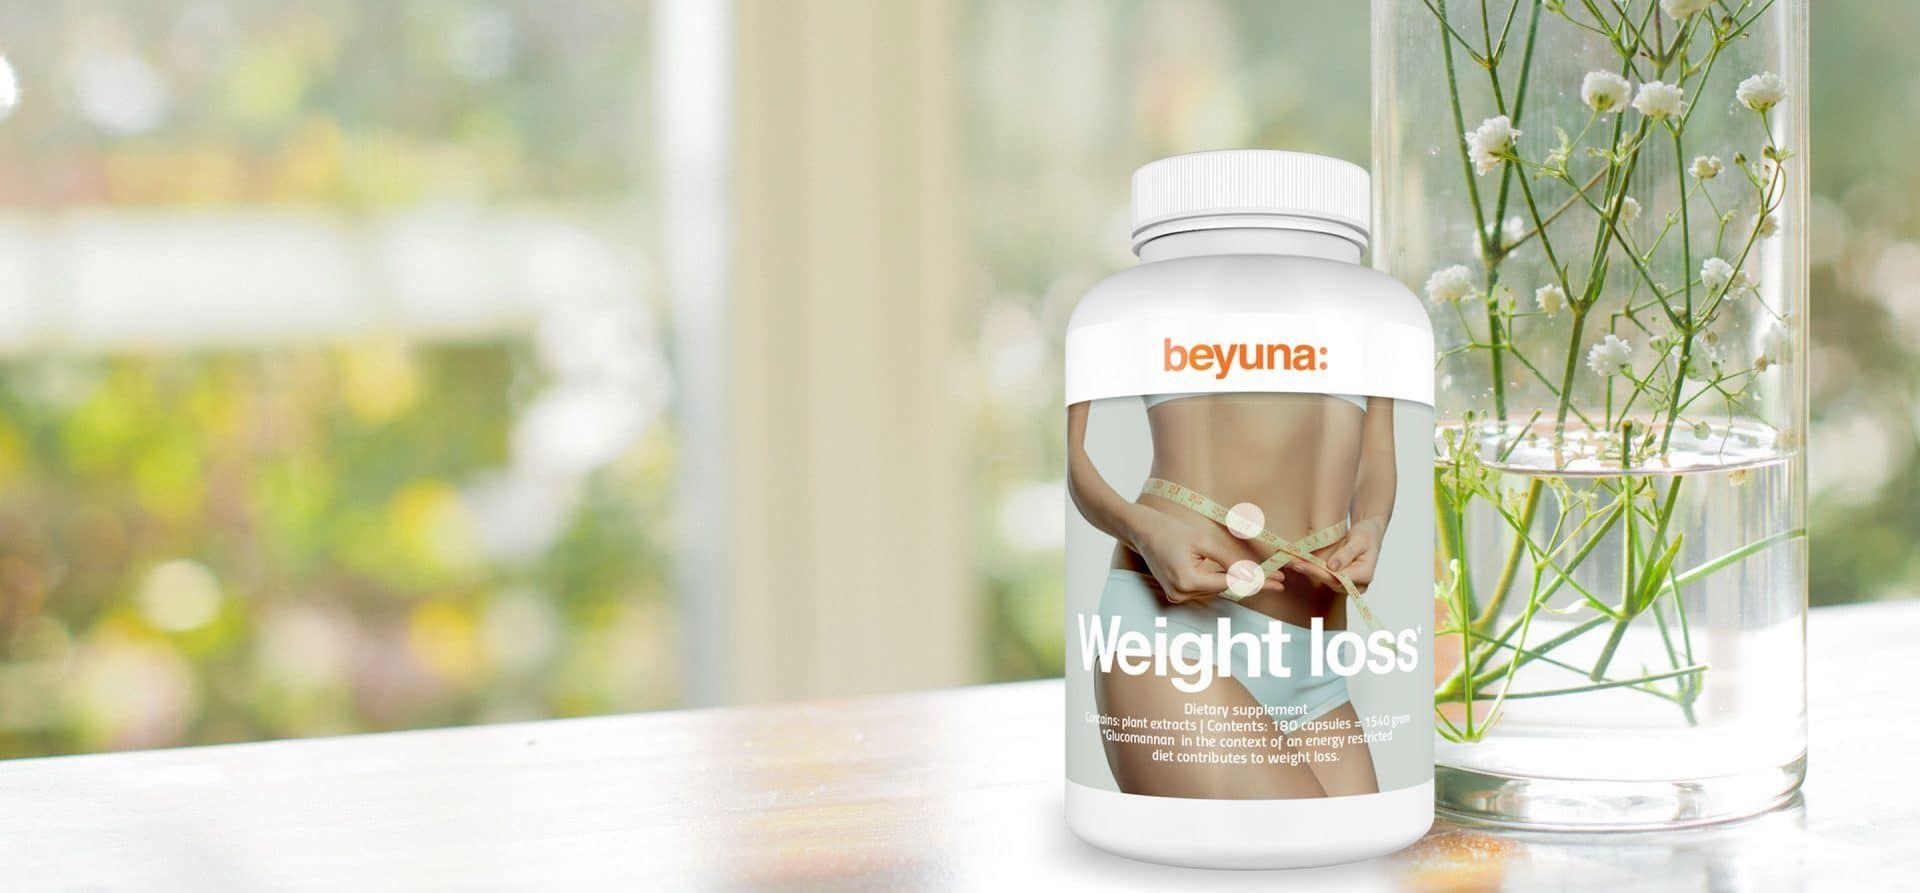 De Beyuna Weight Loss capsules zijn dieetsupplementen die bijdragen aan het bereiken en behouden van een gezond gewichtsniveau. Dit doet het in combinatie met een dieet waarin je weinig koolhydraten consumeert. De producent van deze dieetsupplementen, ook Beyuna Weight Loss genaamd, heeft bijkans 35 jaren aan ervaring in de branche. Met vestigingen in zowel Duitsland, …